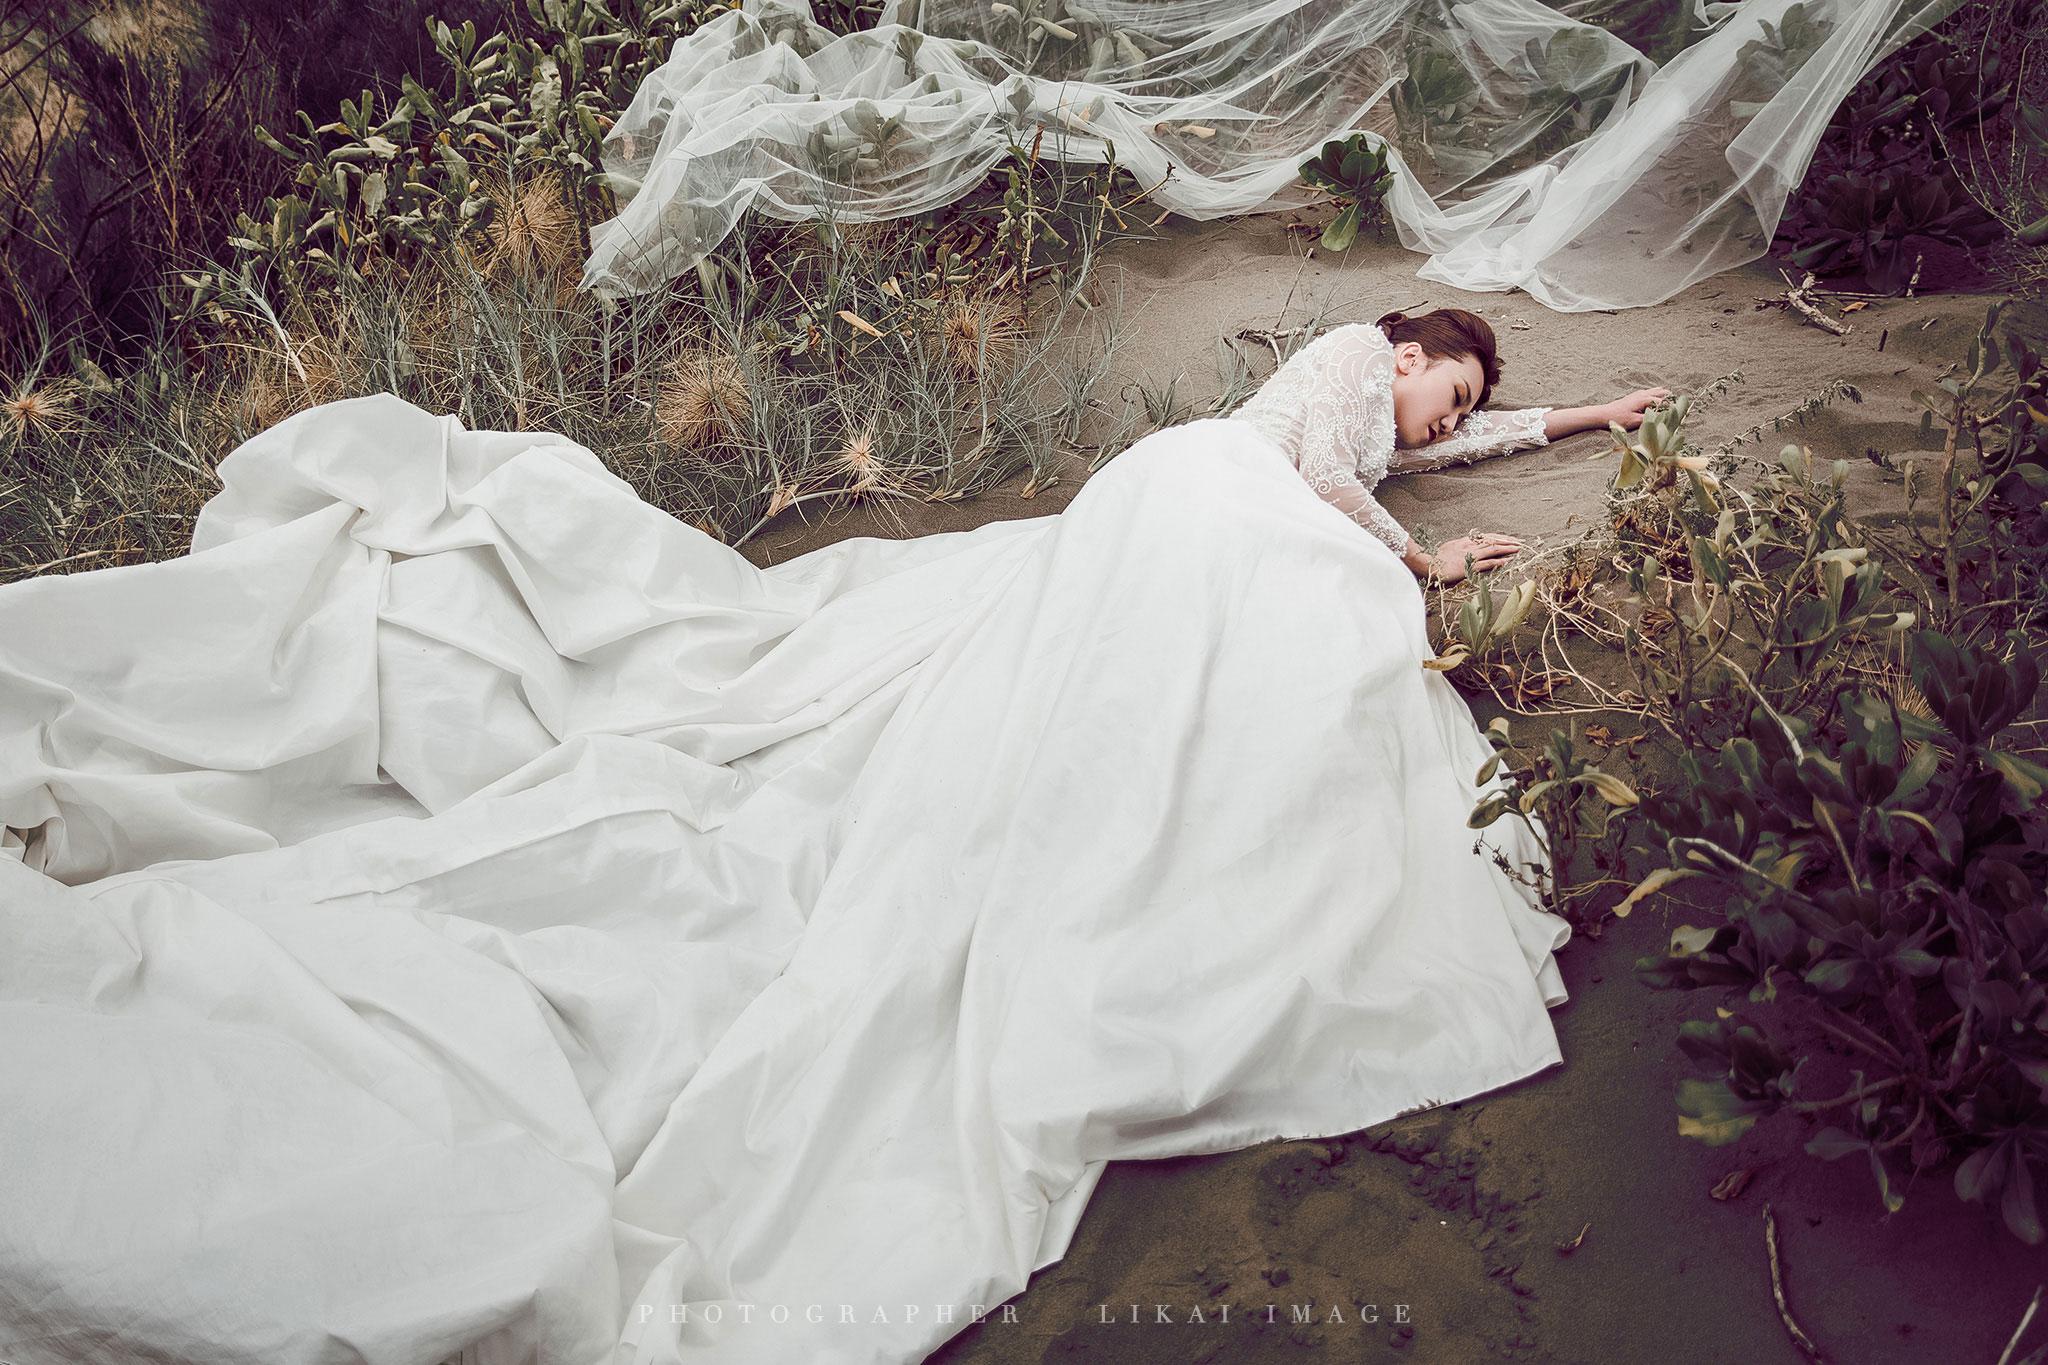 自助婚紗 - 家靜